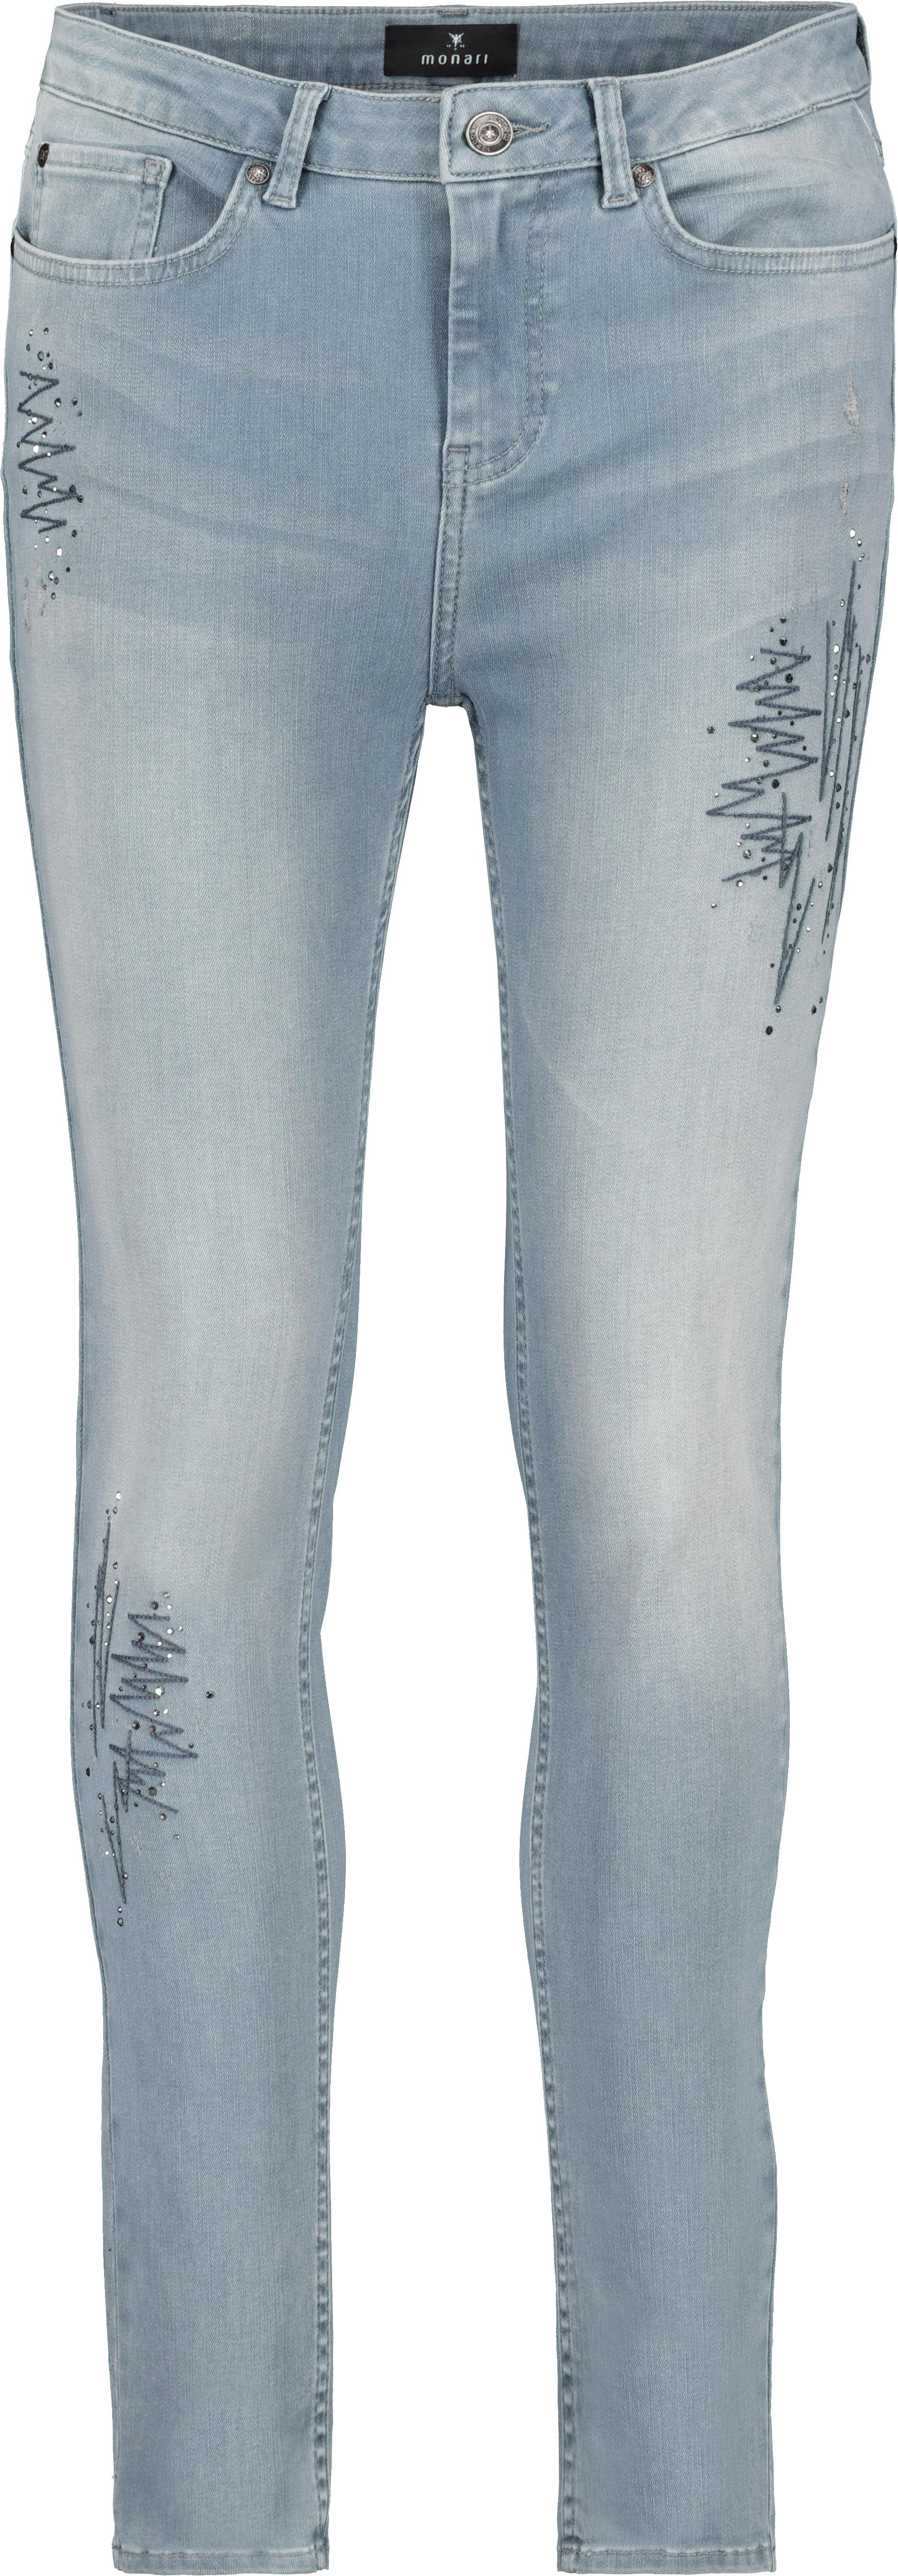 Monari Röhrenjeans mit Strickereien und Strasssteinen blau